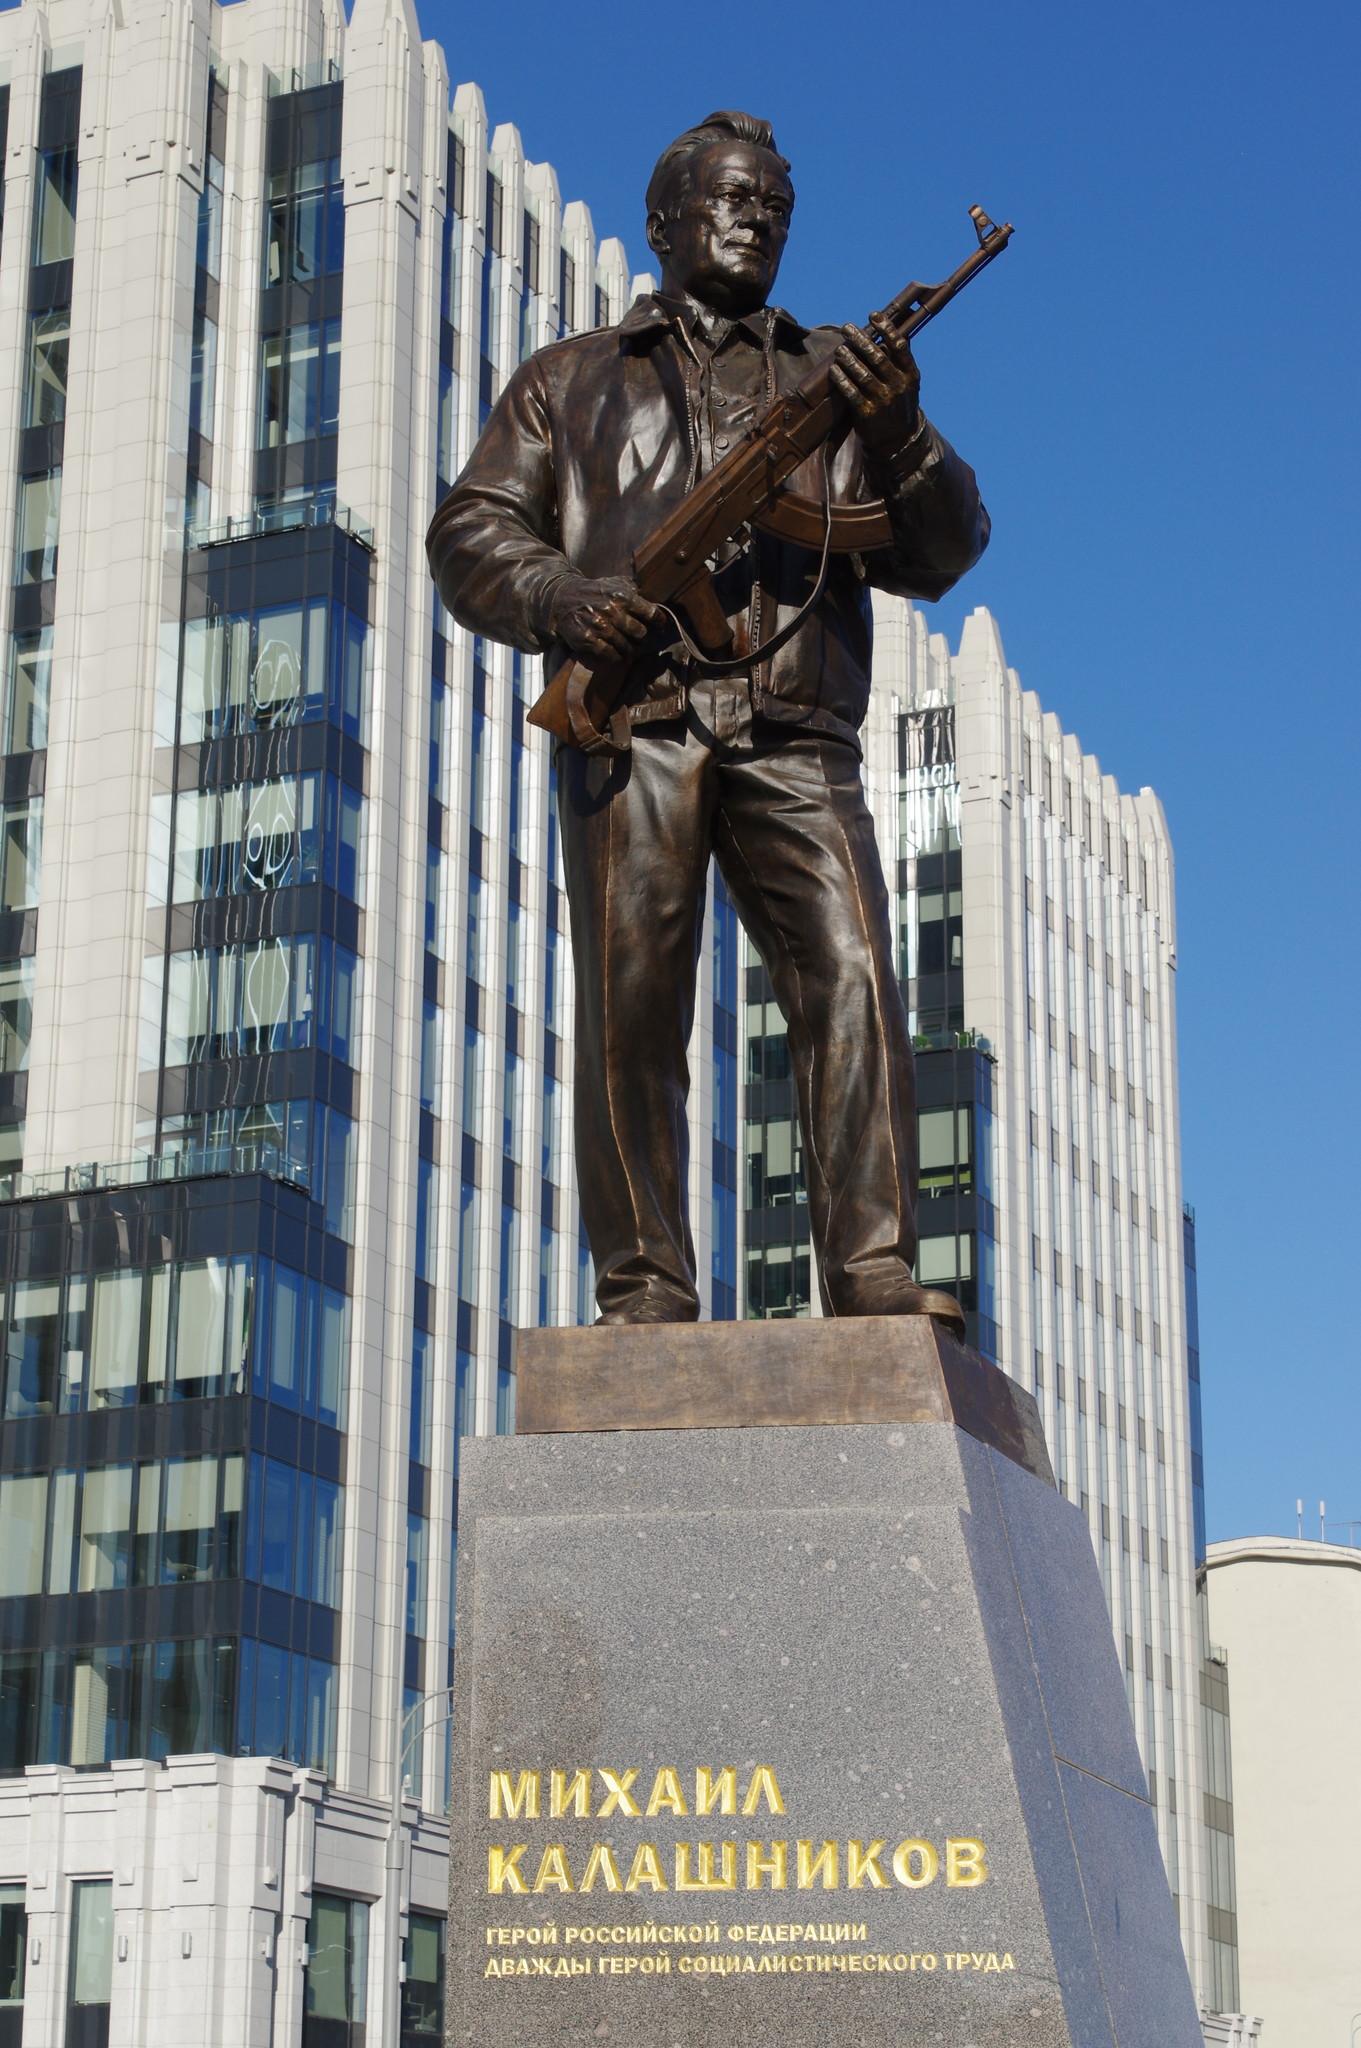 Памятник Михаилу Тимофеевичу Калашникову